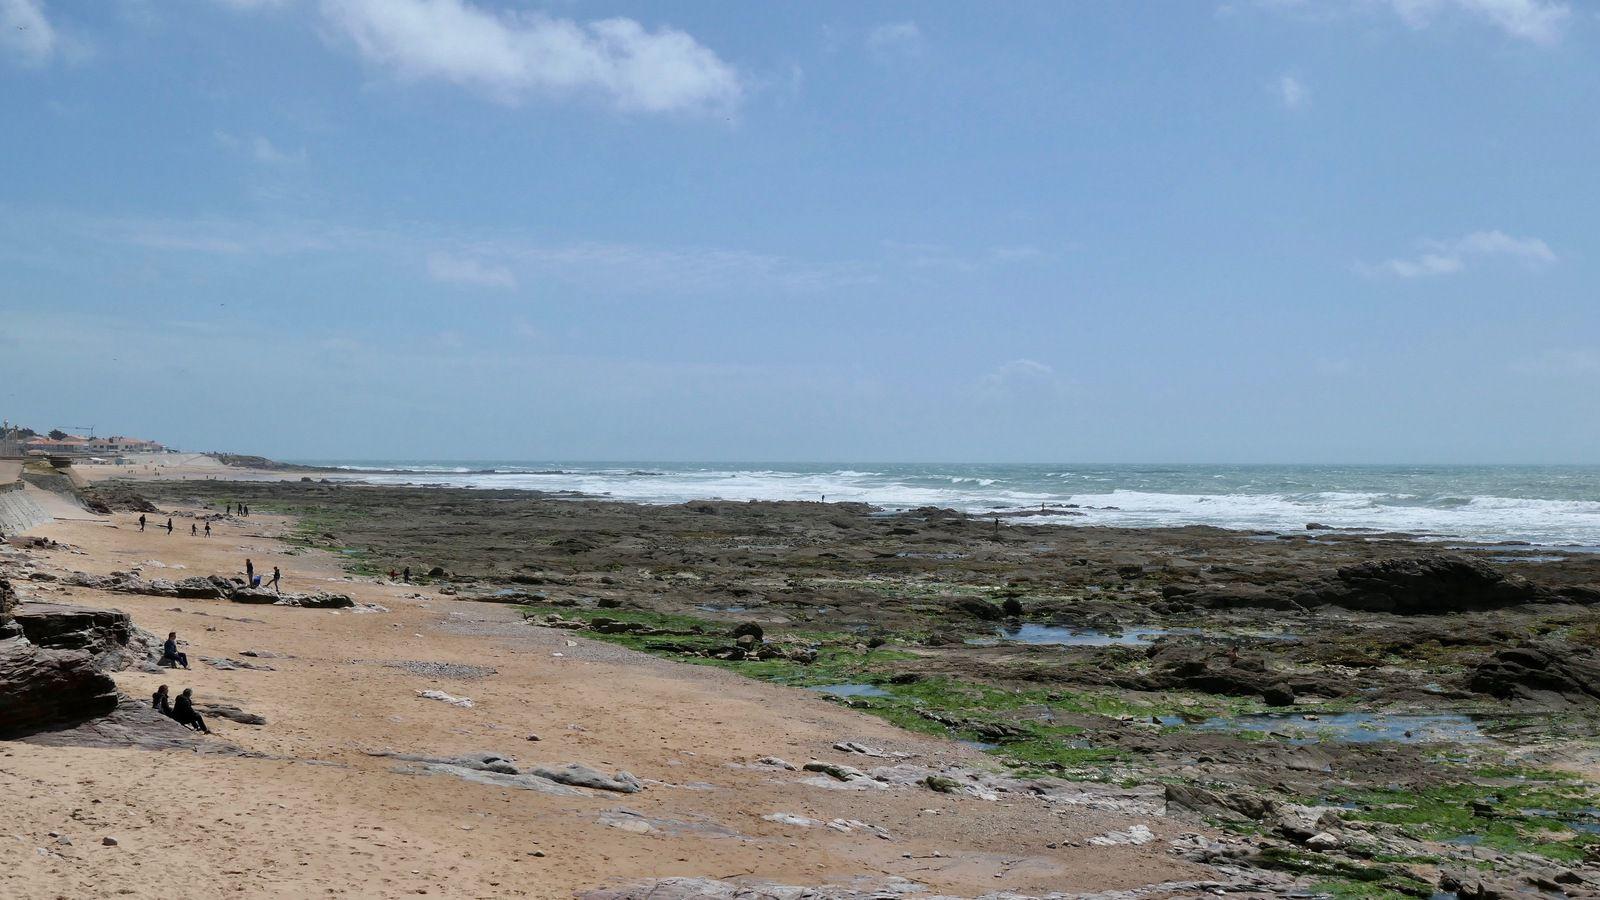 Marée Haute, Marée Basse ....la mer que du bonheur